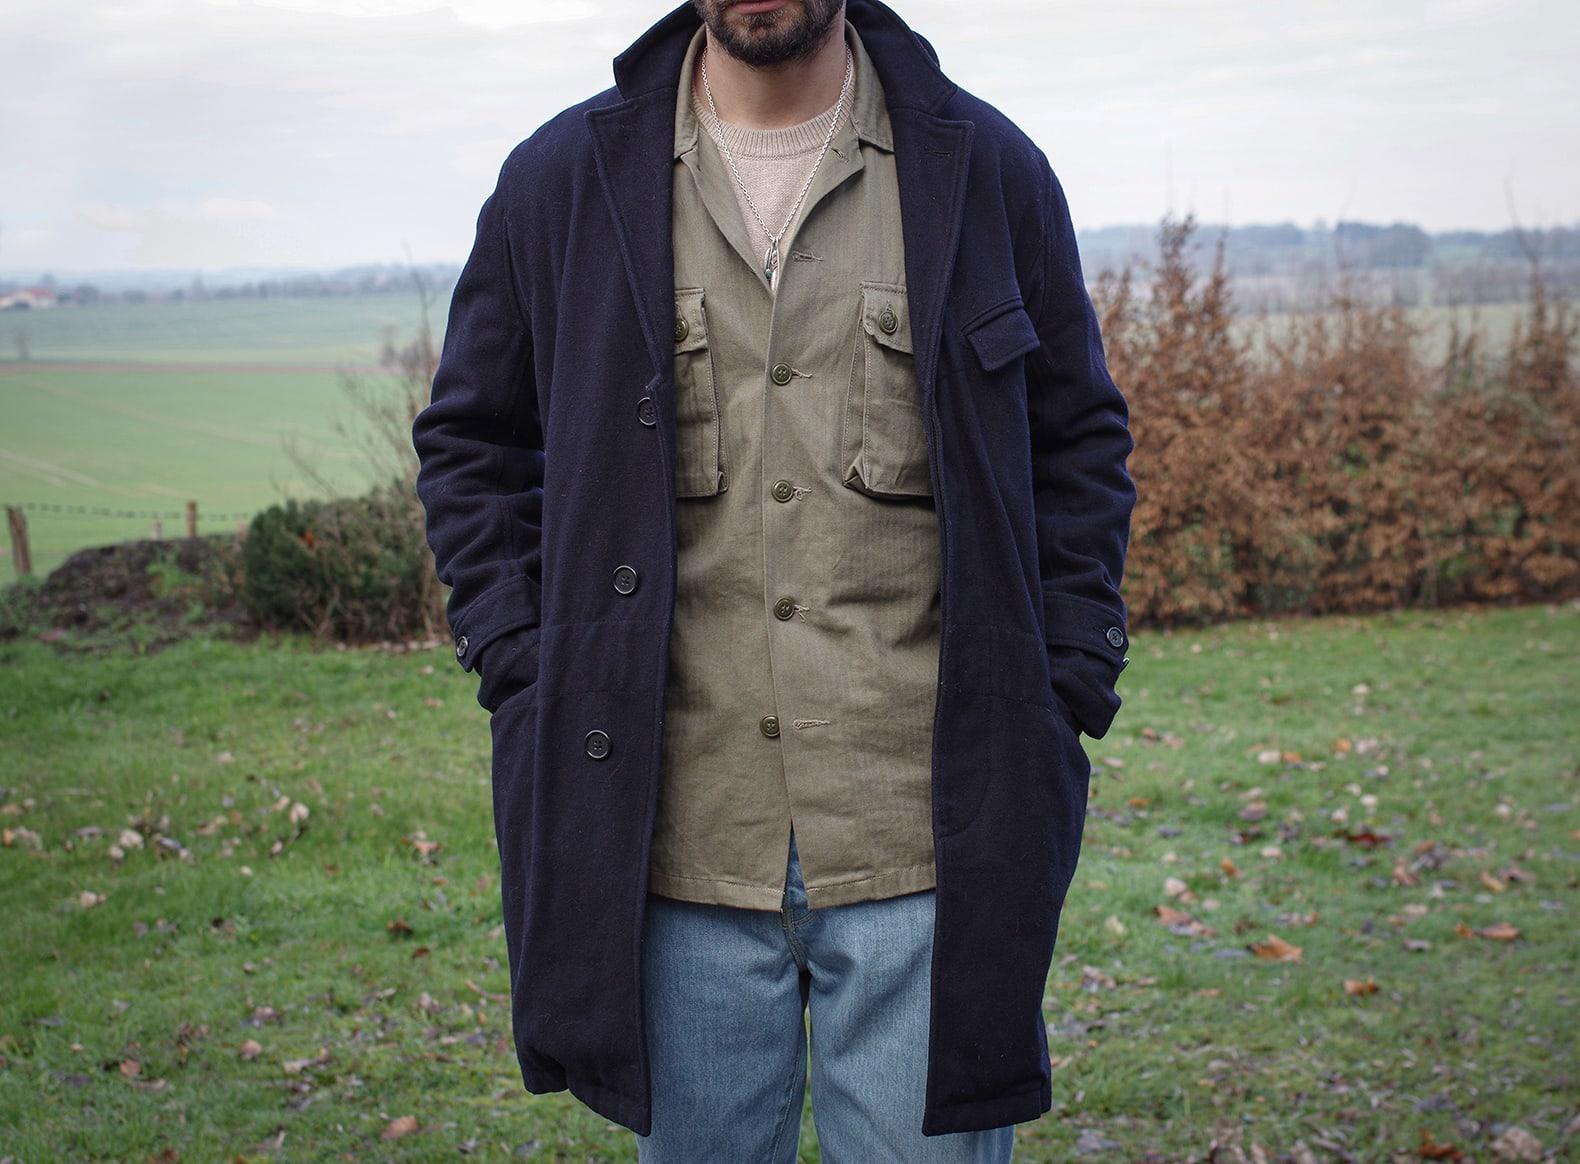 manteau-laine-bleu-homme-style-vintage-militaire